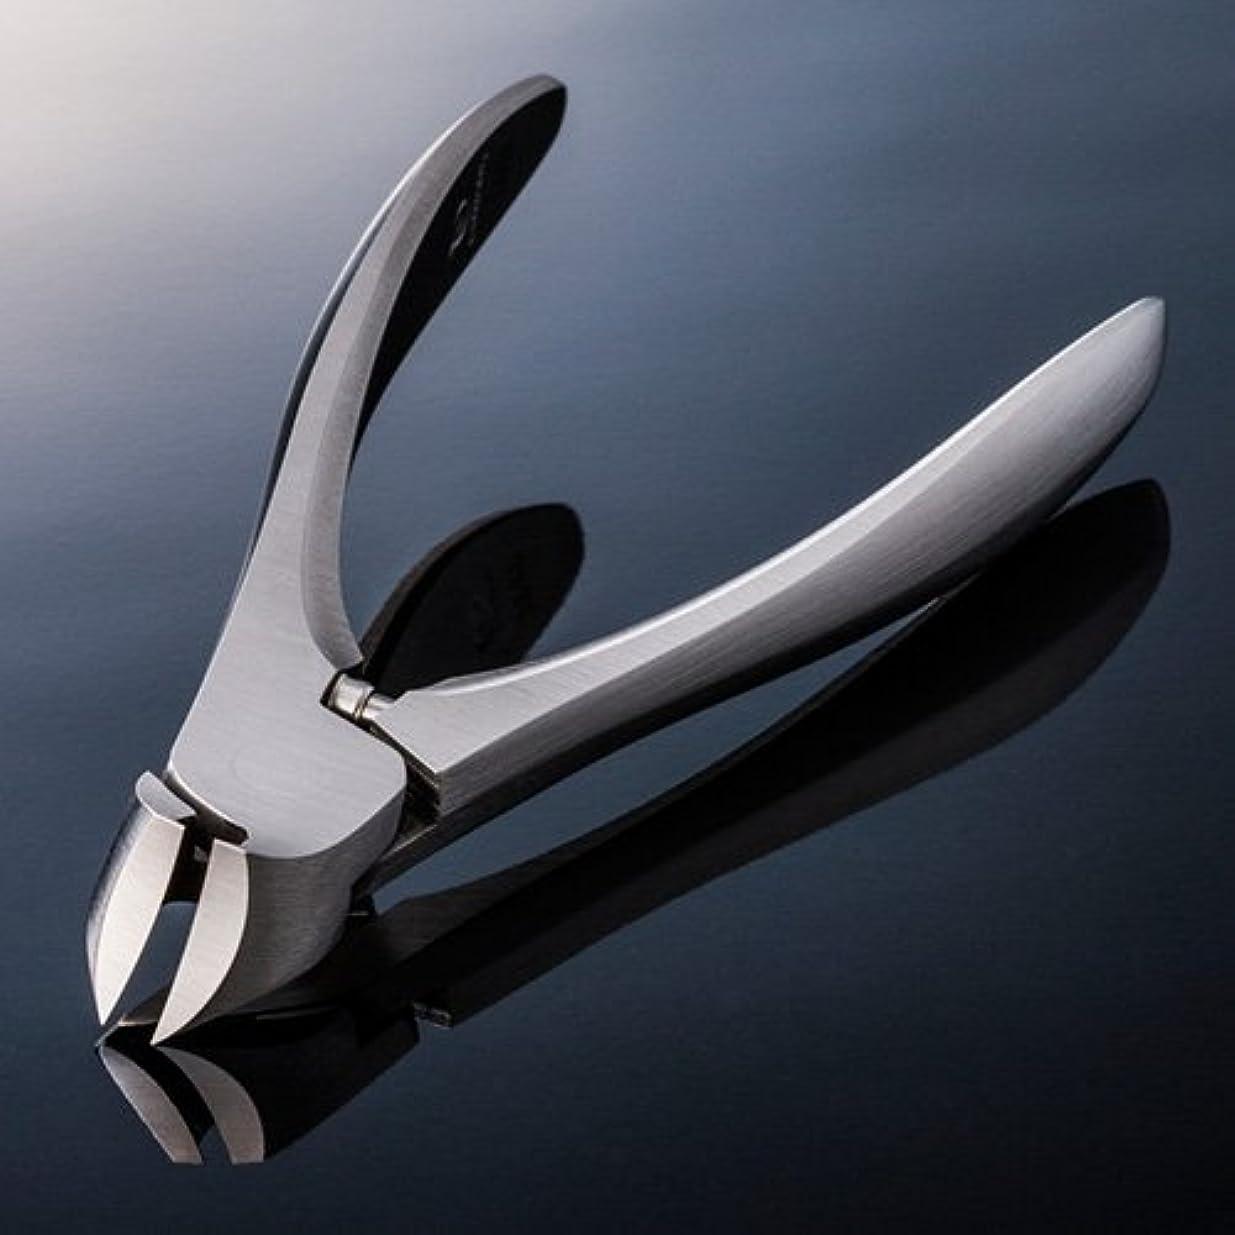 エーカー良い間違い【SUWADA クラシックL 爪やすり付】 諏訪田のつめ切り 爪切り ネイルニッパー 収納メタルケース付 /日本のいいもの